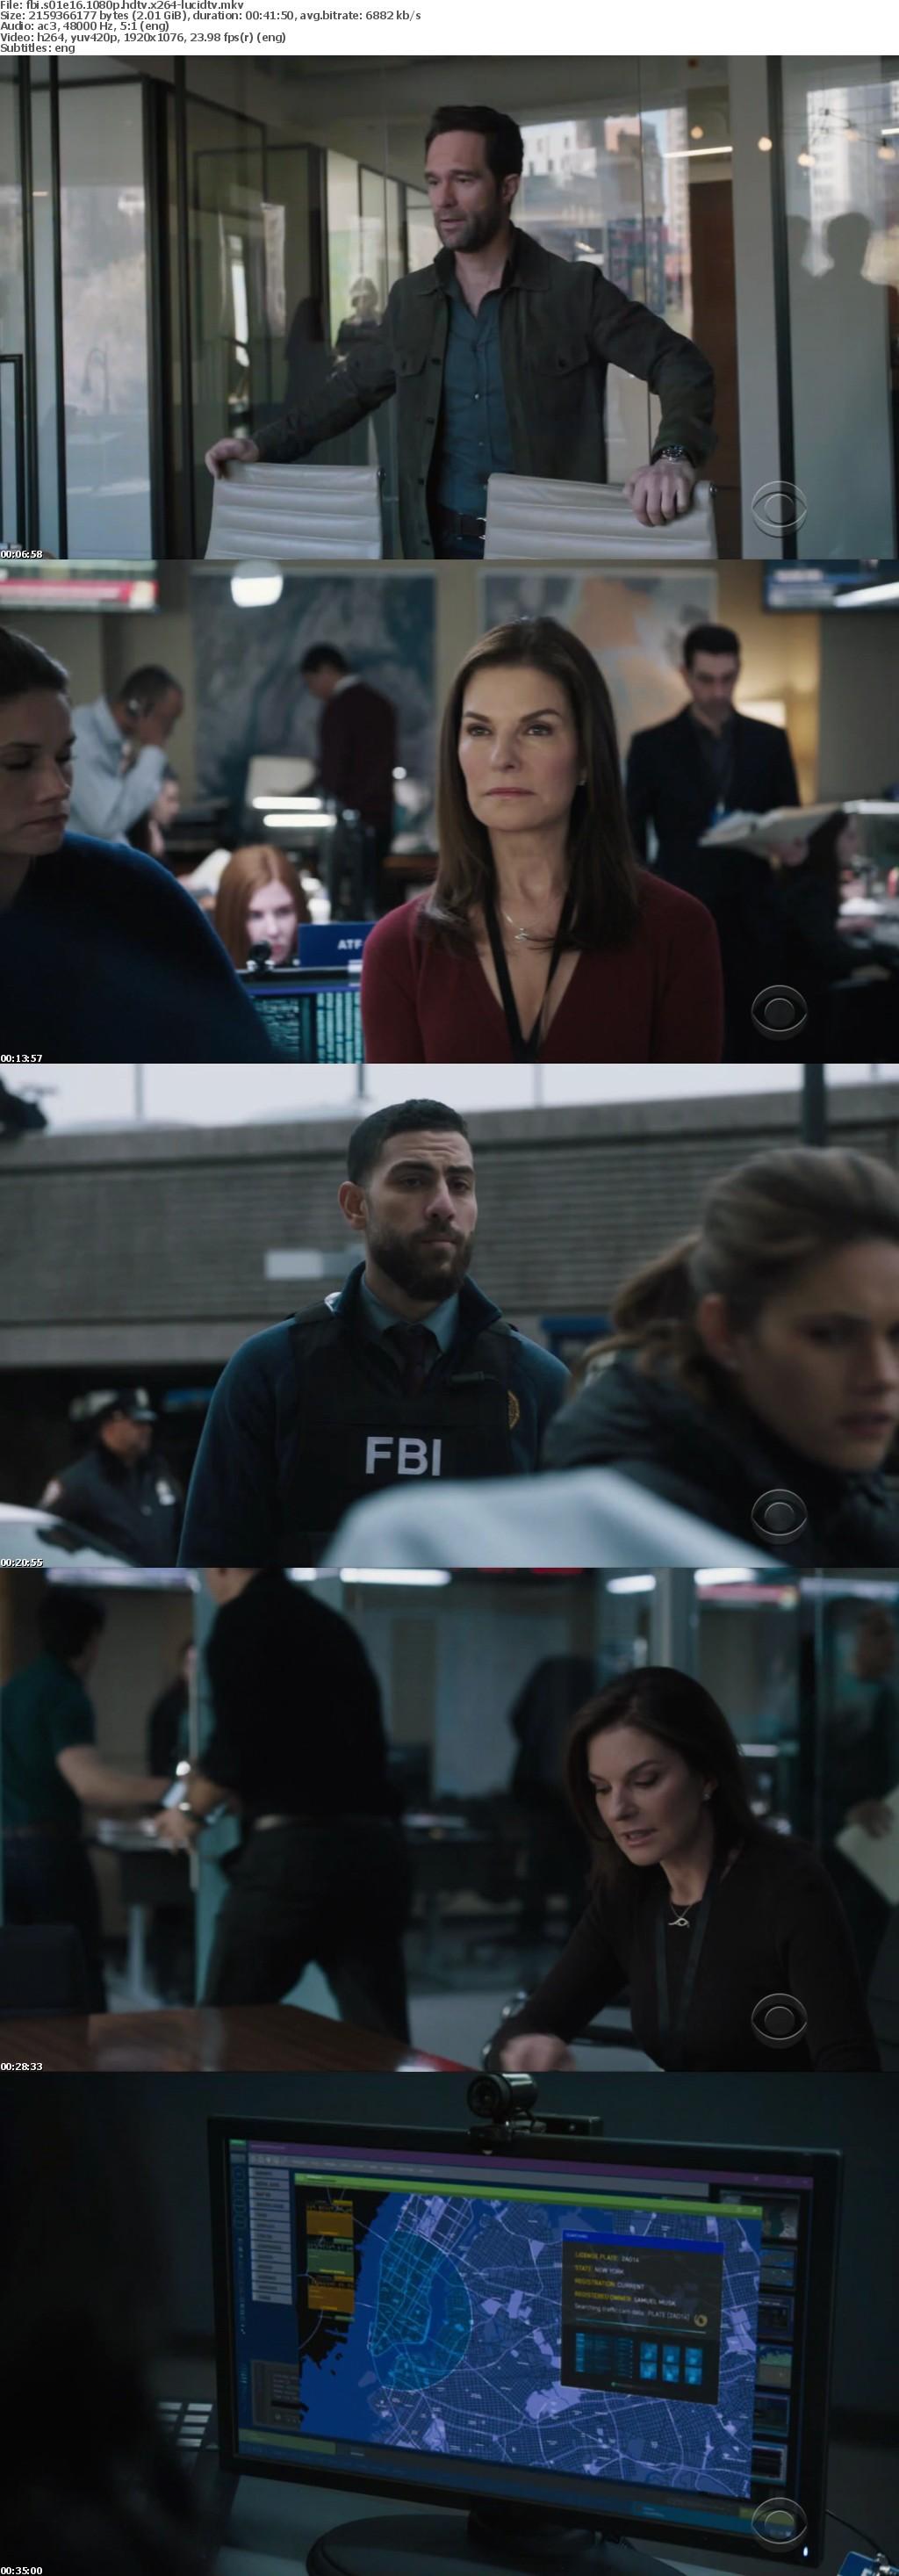 FBI S01E16 1080p HDTV x264-LucidTV